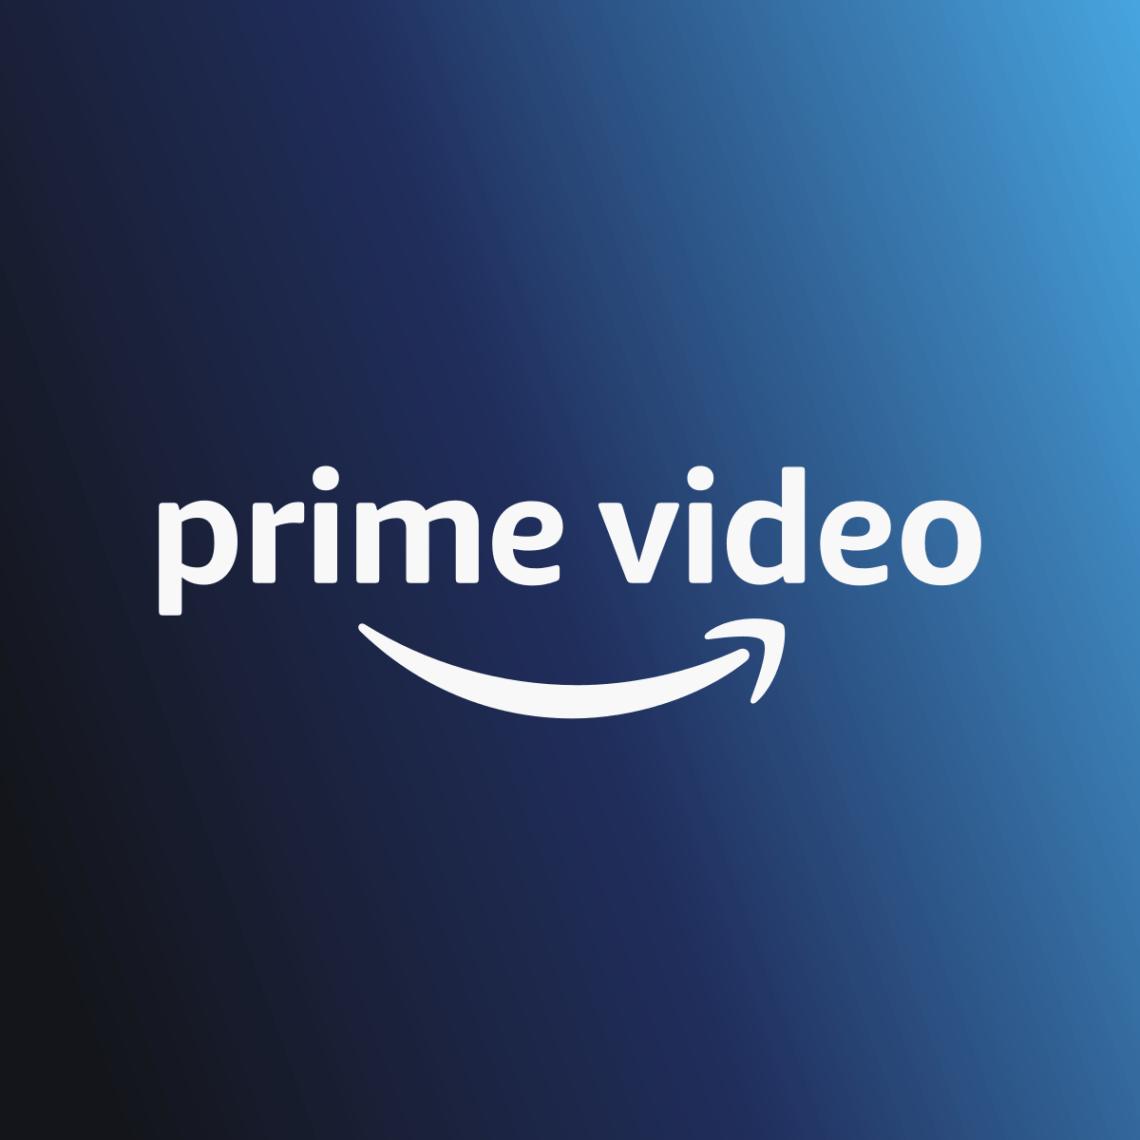 Prime Video - Nerd Recomenda